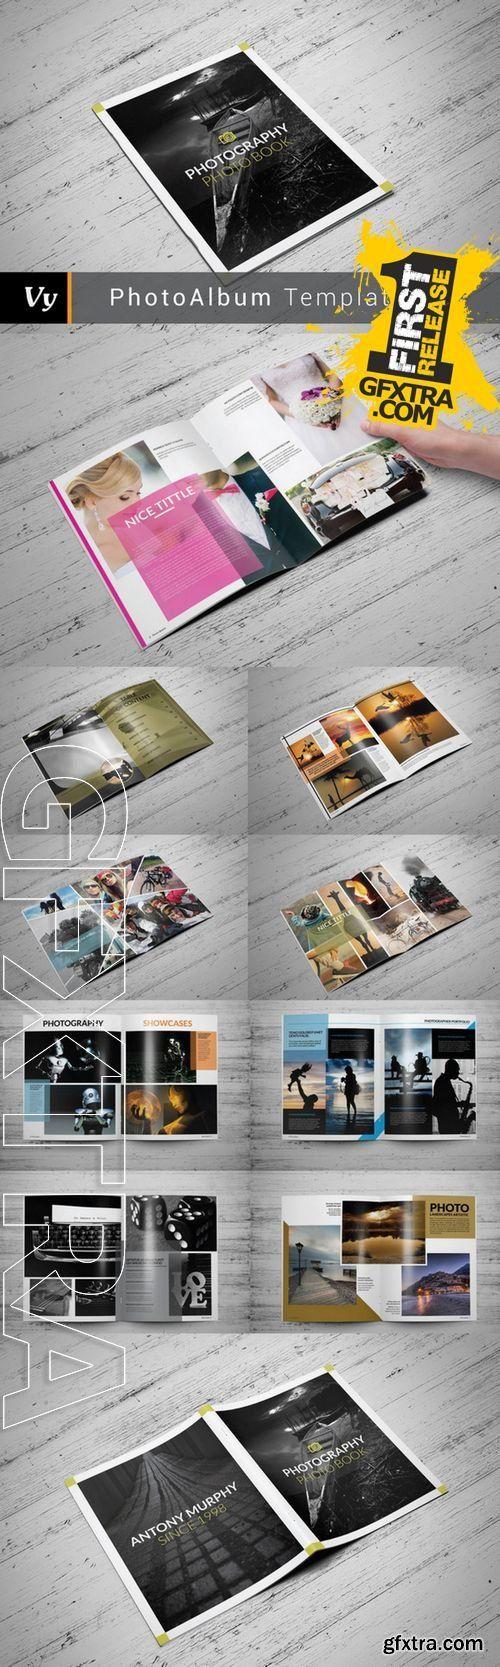 Clean Photo Album Template - CM 280630